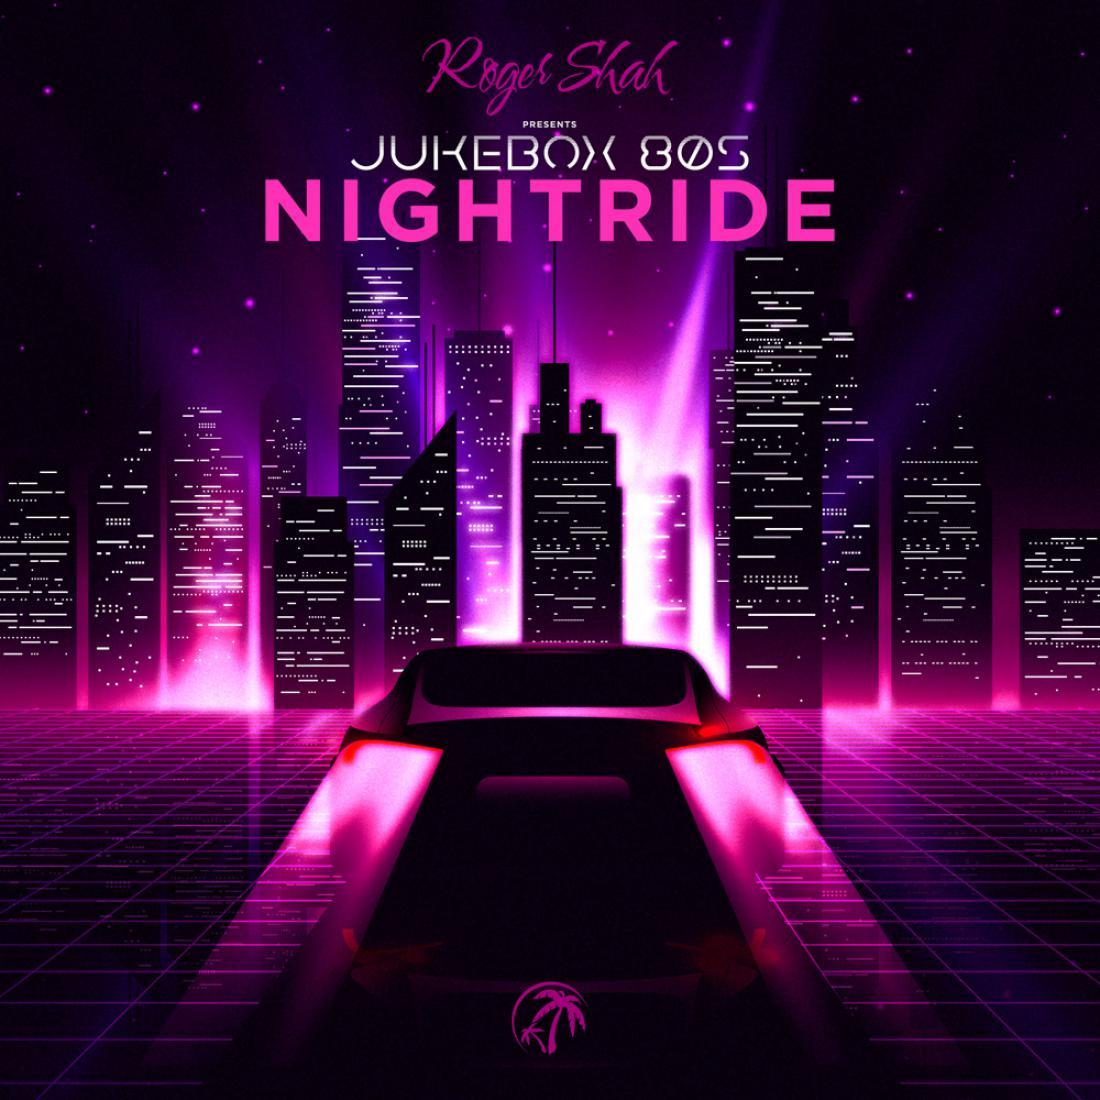 Roger Shah prezentuje JUKEBOX 80S Nightride